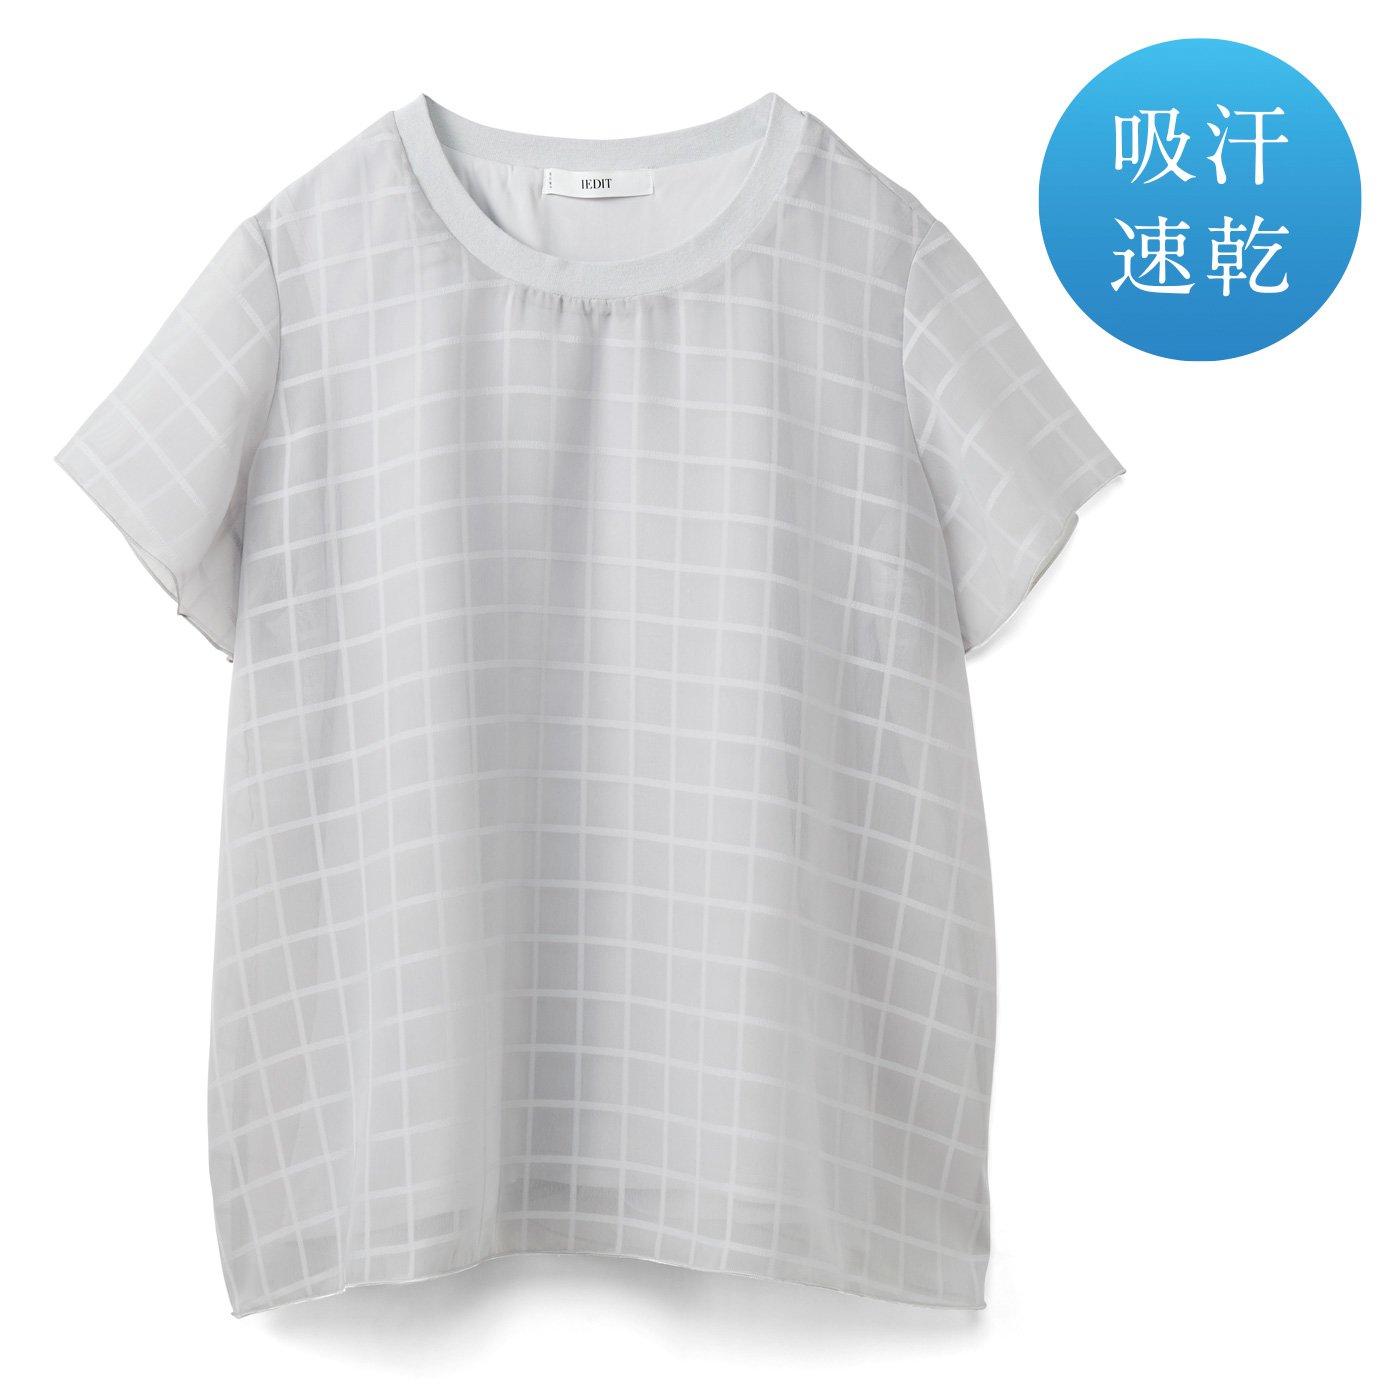 IEDIT[イディット] 衿フライスがモードな 上品シアーチェックのドッキングTブラウスの会